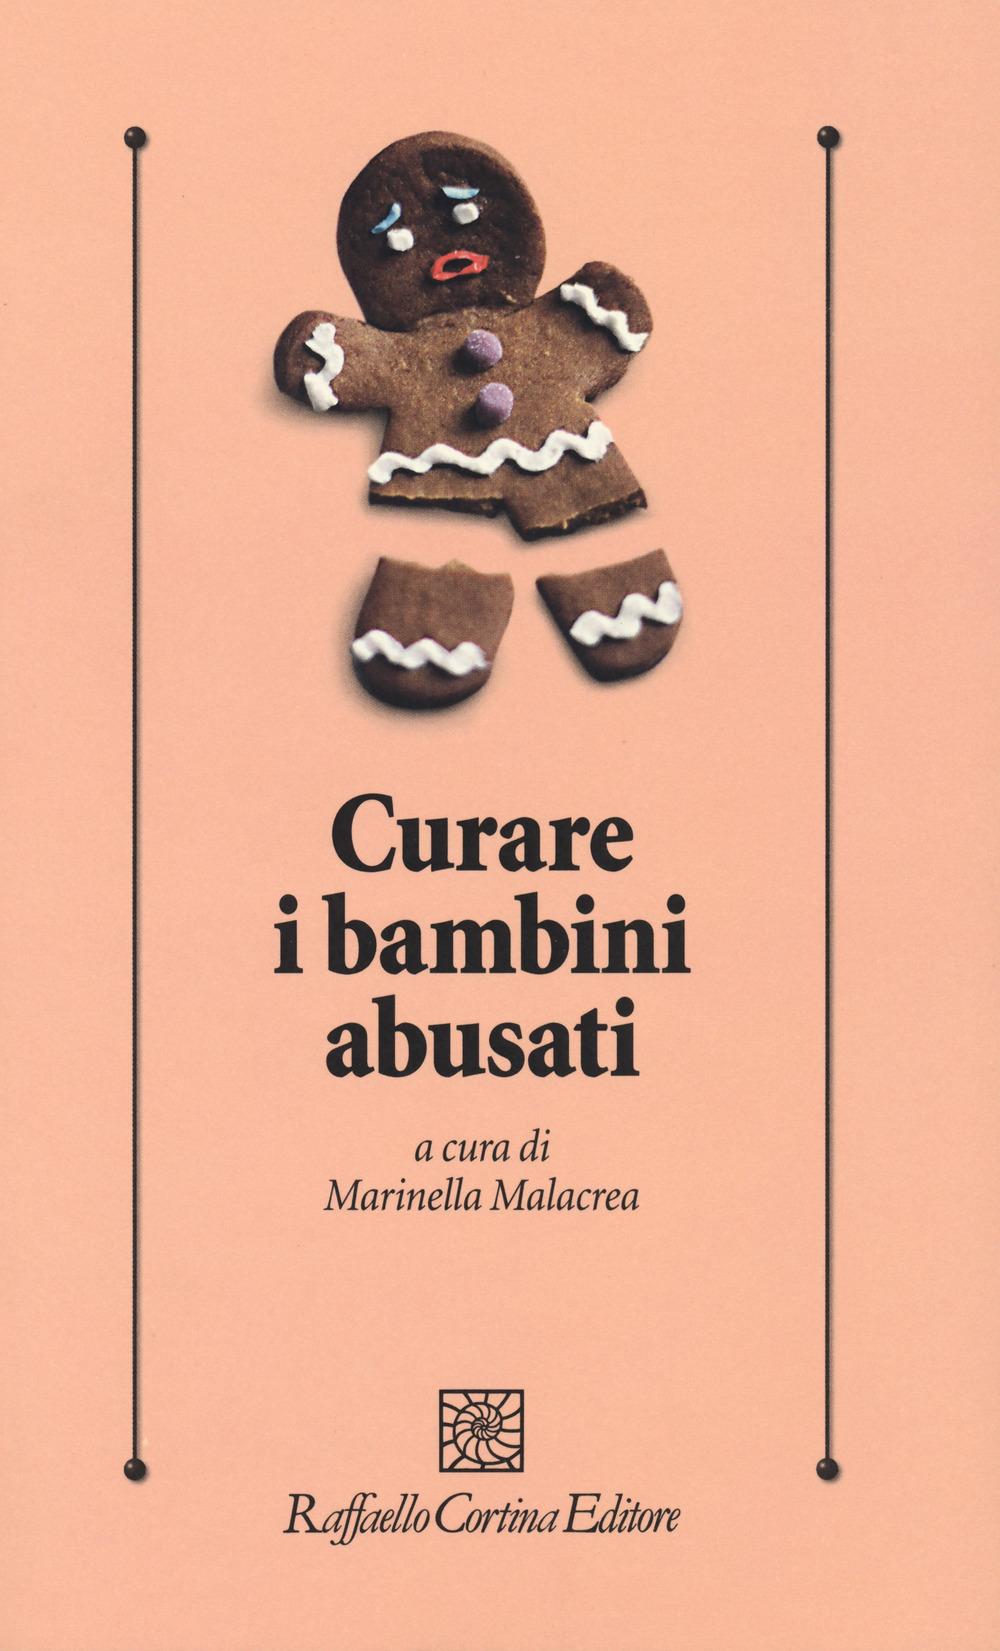 Curare i bambini abusati, a cura di Marinella Malacrea (Cortina, 2018) 4 - fanzine